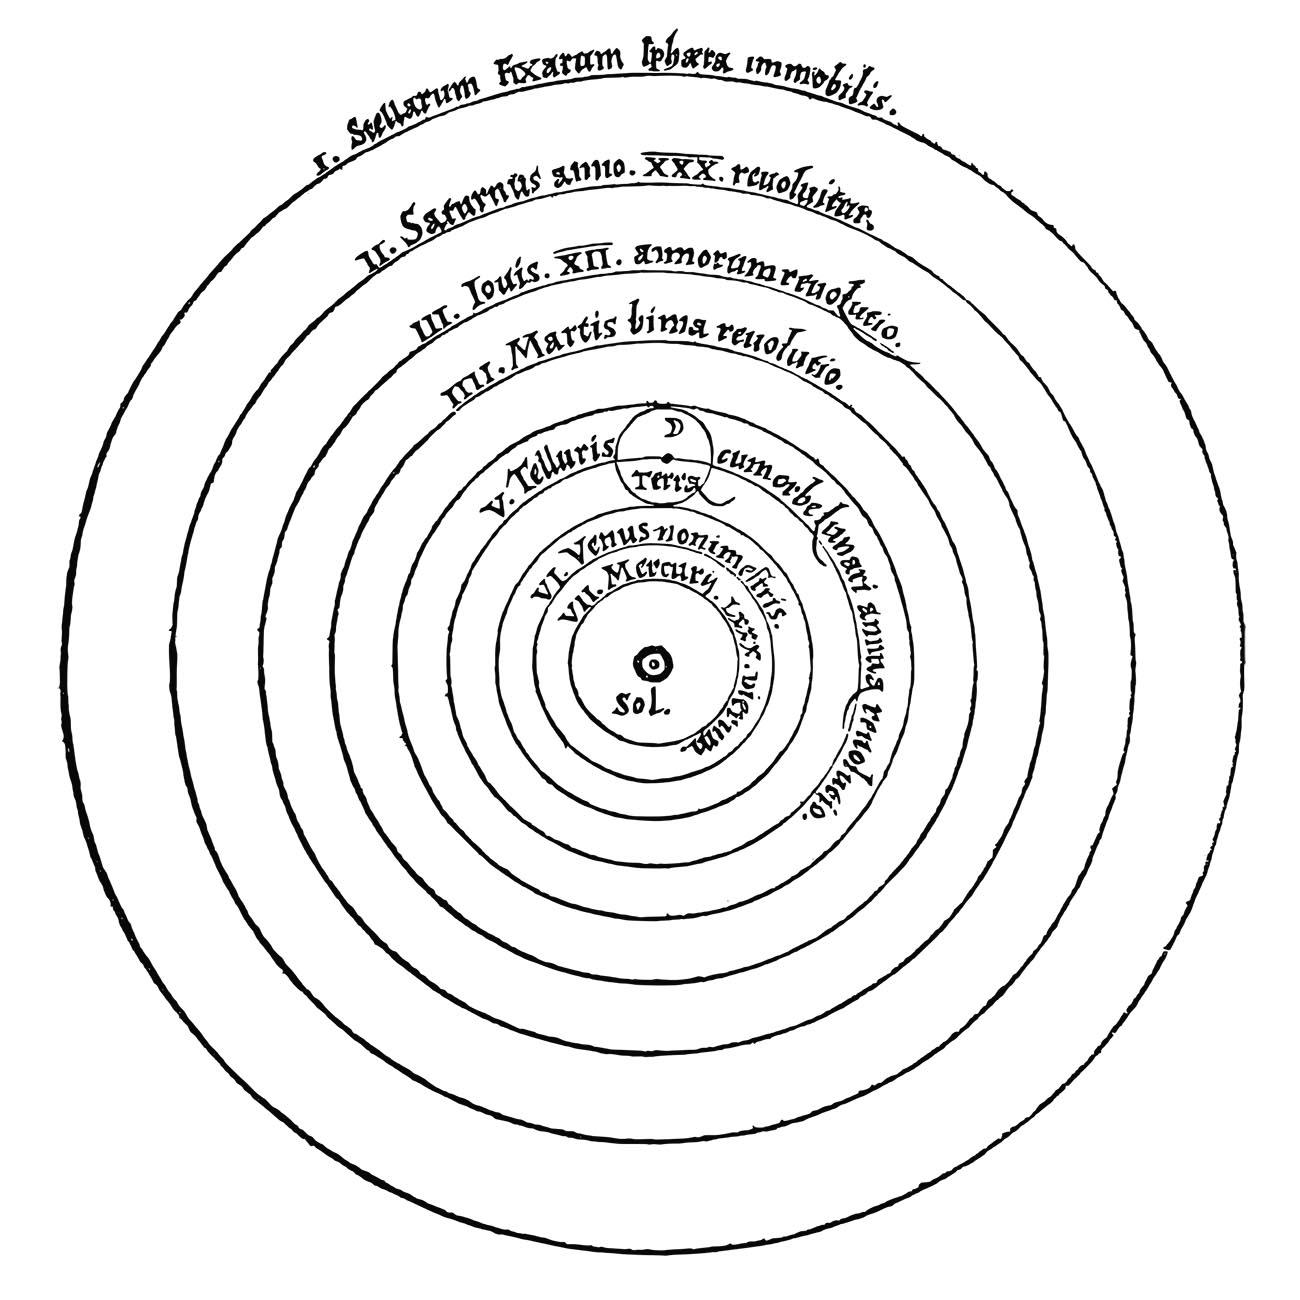 Heliocentris verdensbillede, hvor Solen er i centrum.